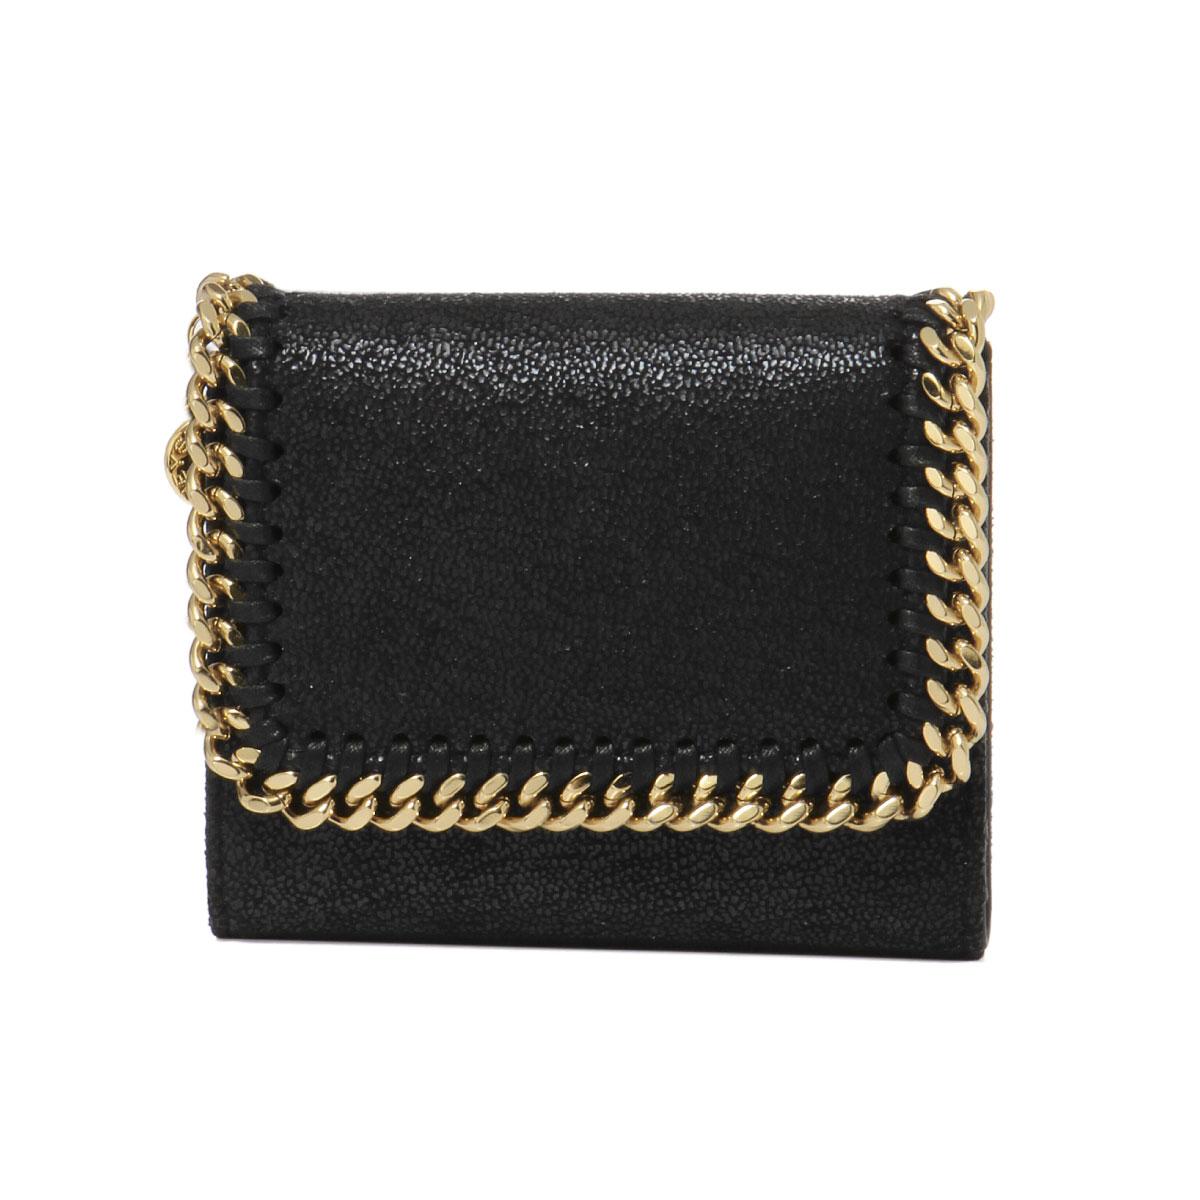 ステラ マッカートニー STELLA McCARTNEY 財布 レディース 431000 W9355 1000 三つ折り財布 スモール FALABELLA ファラベラ BLACK ブラック